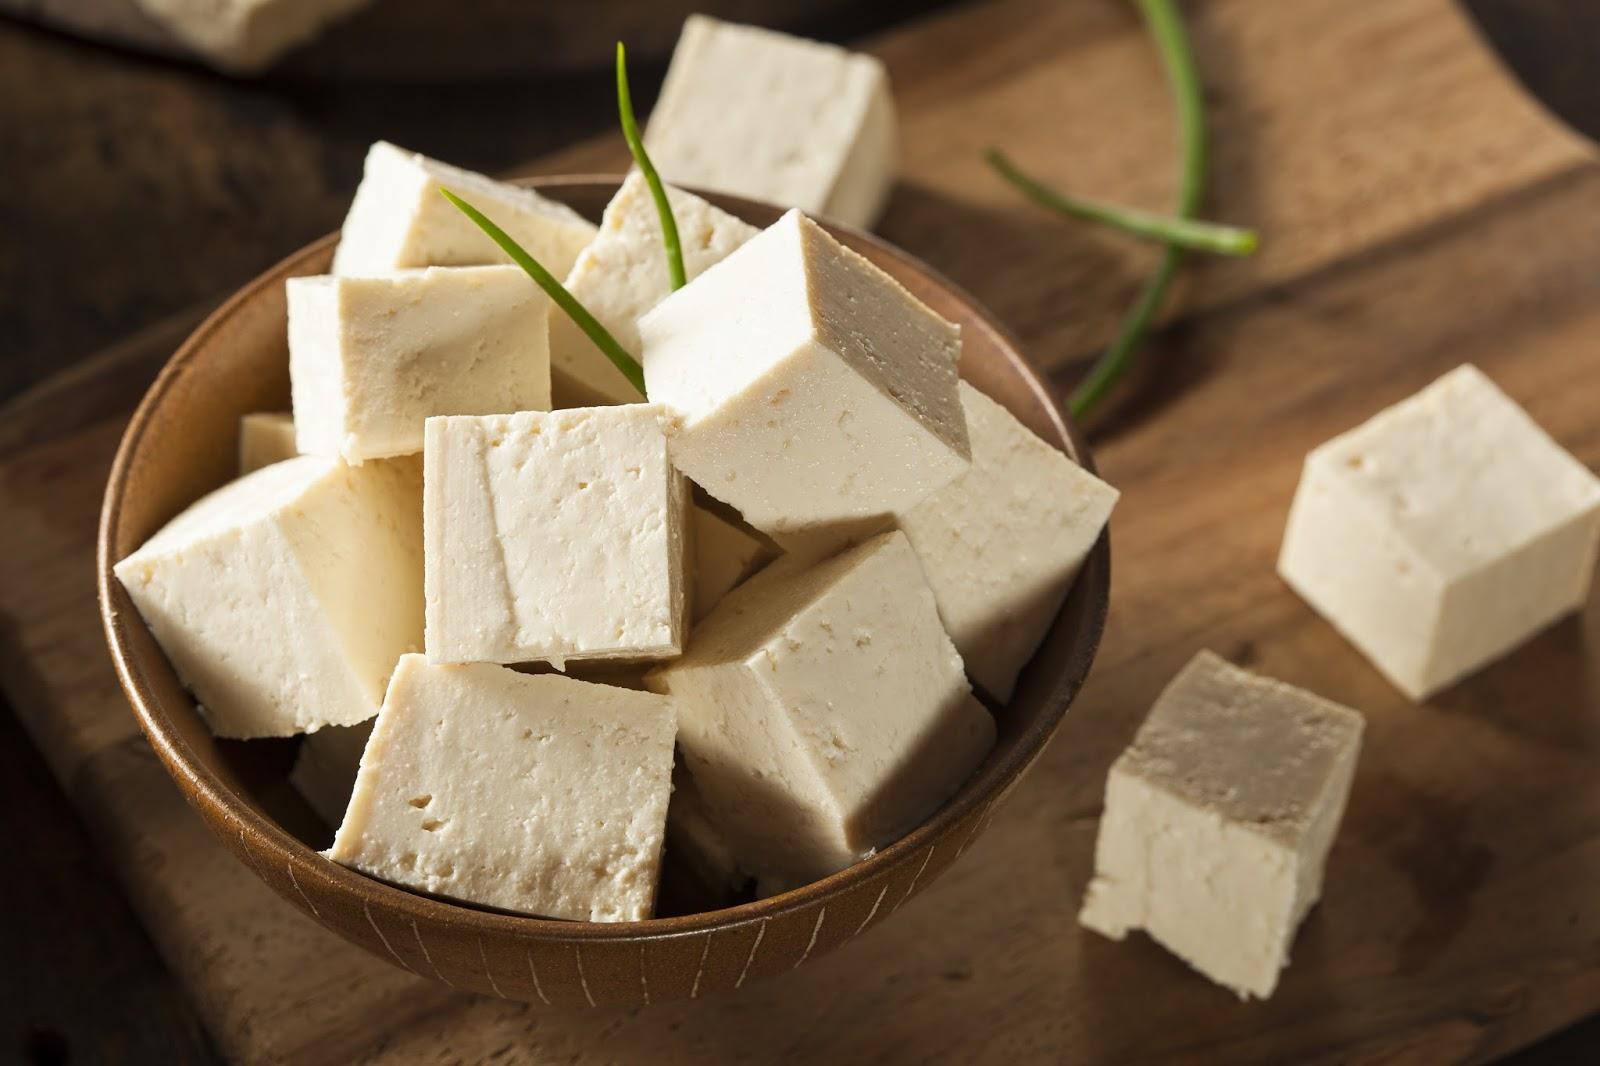 5 tác hại của đậu phụ đối với nam giới khi ăn nhiều